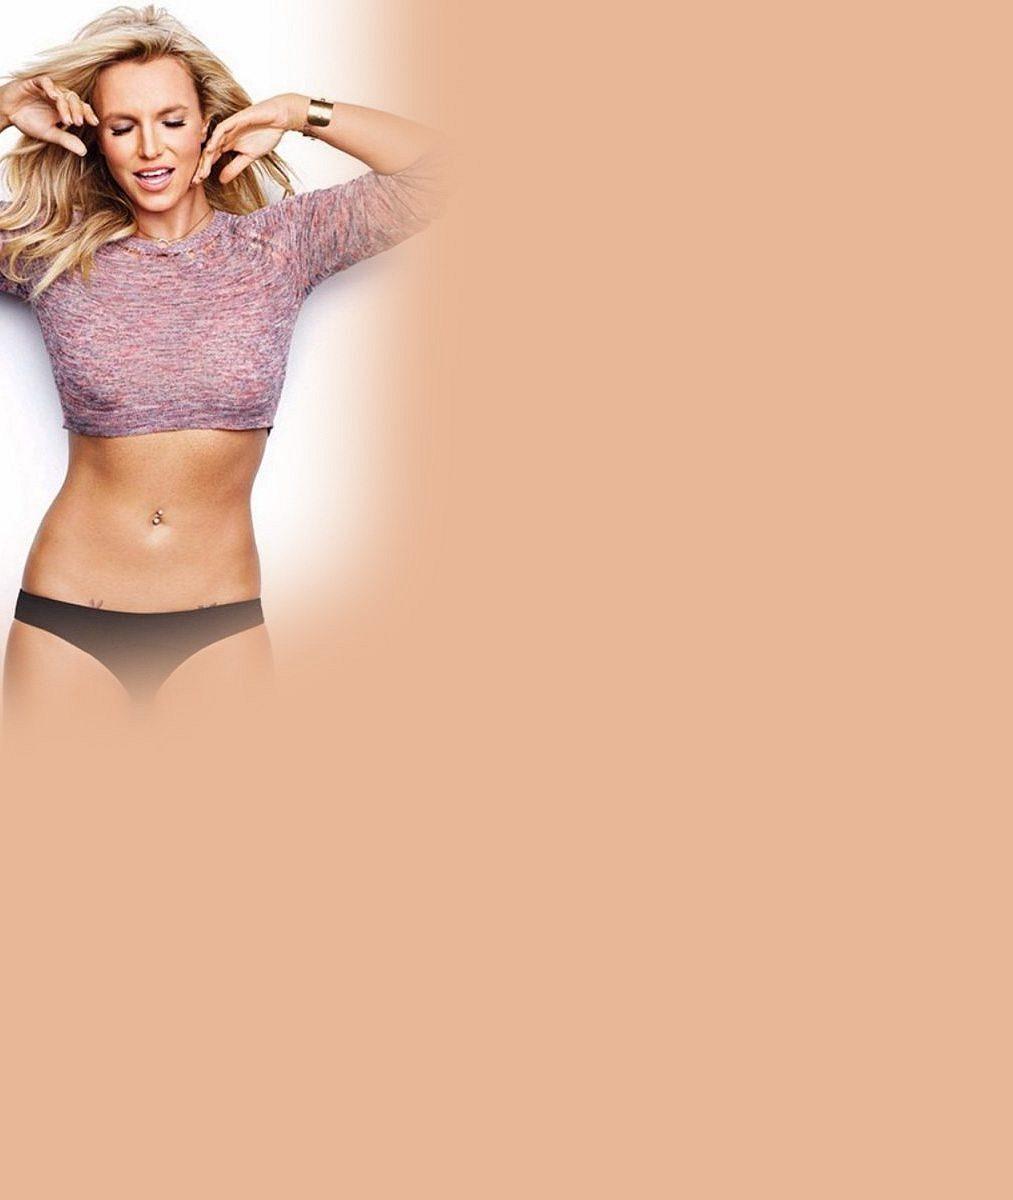 Britney Spears strávila první Vánoce s novým milencem: Koukněte, jak se sladili do pyžam